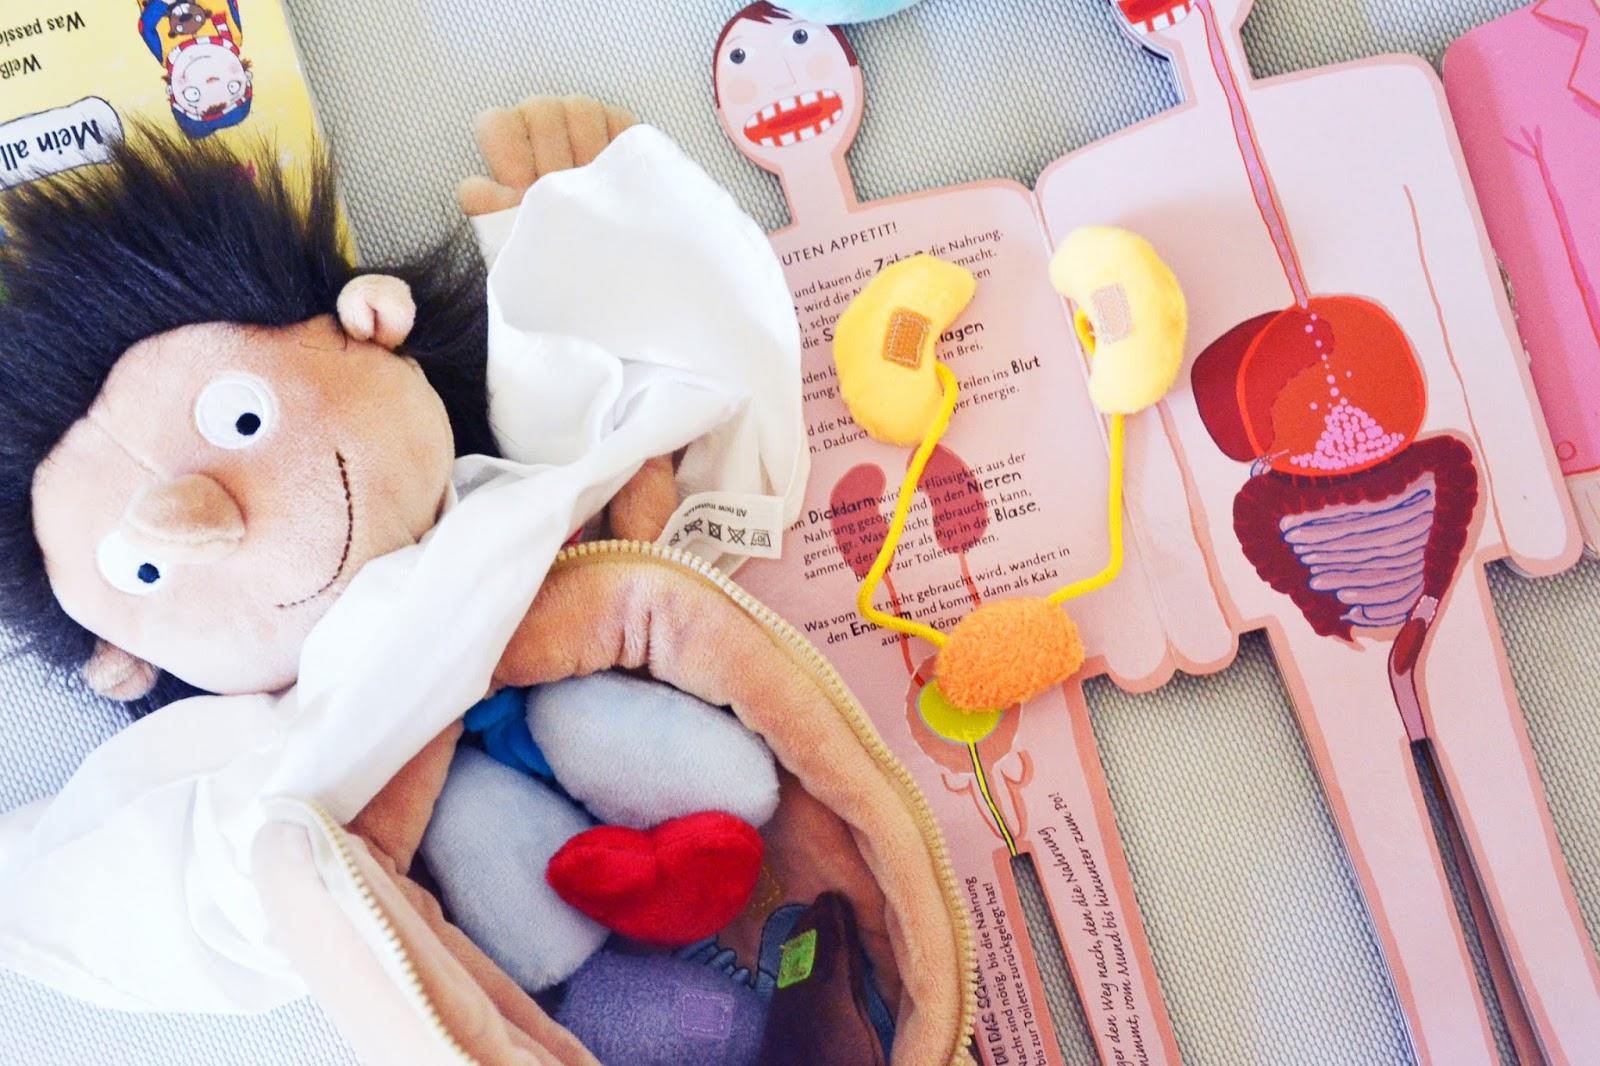 Kindern spielerisch die Anatomie näher bringen | A MOTHER\'S LOVE